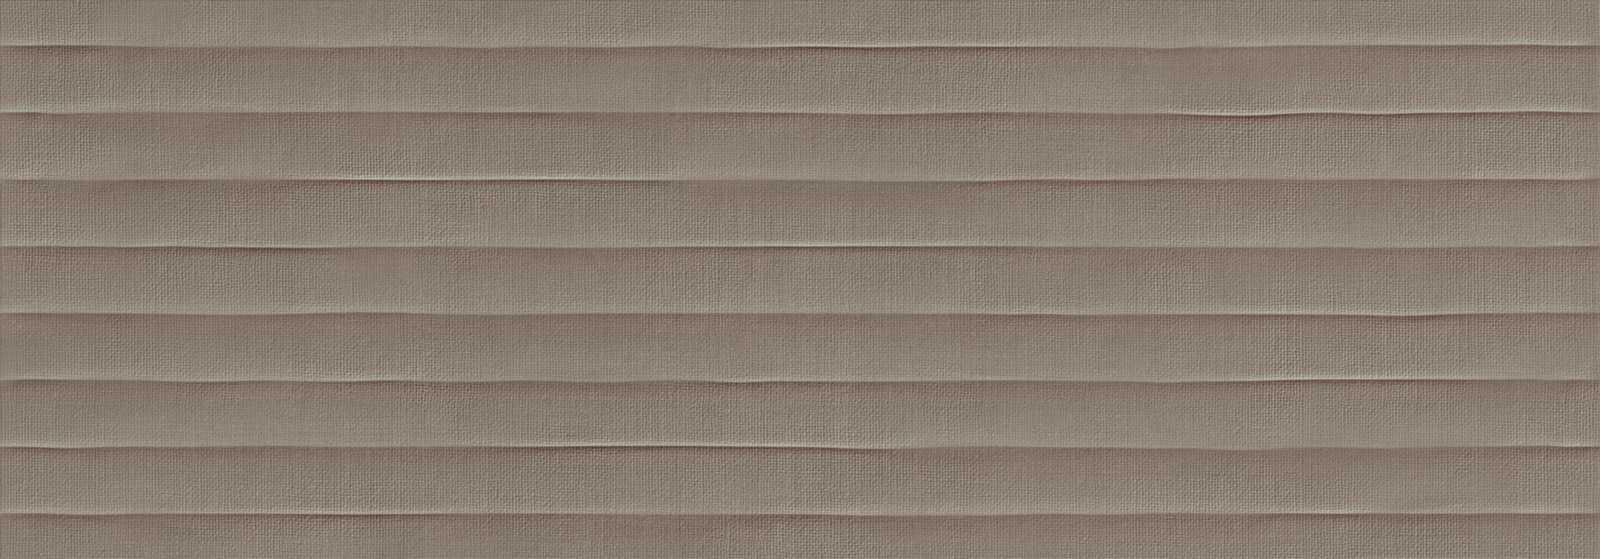 Стенни плочки Fabric Yute Struttura Fold 3D 40x120